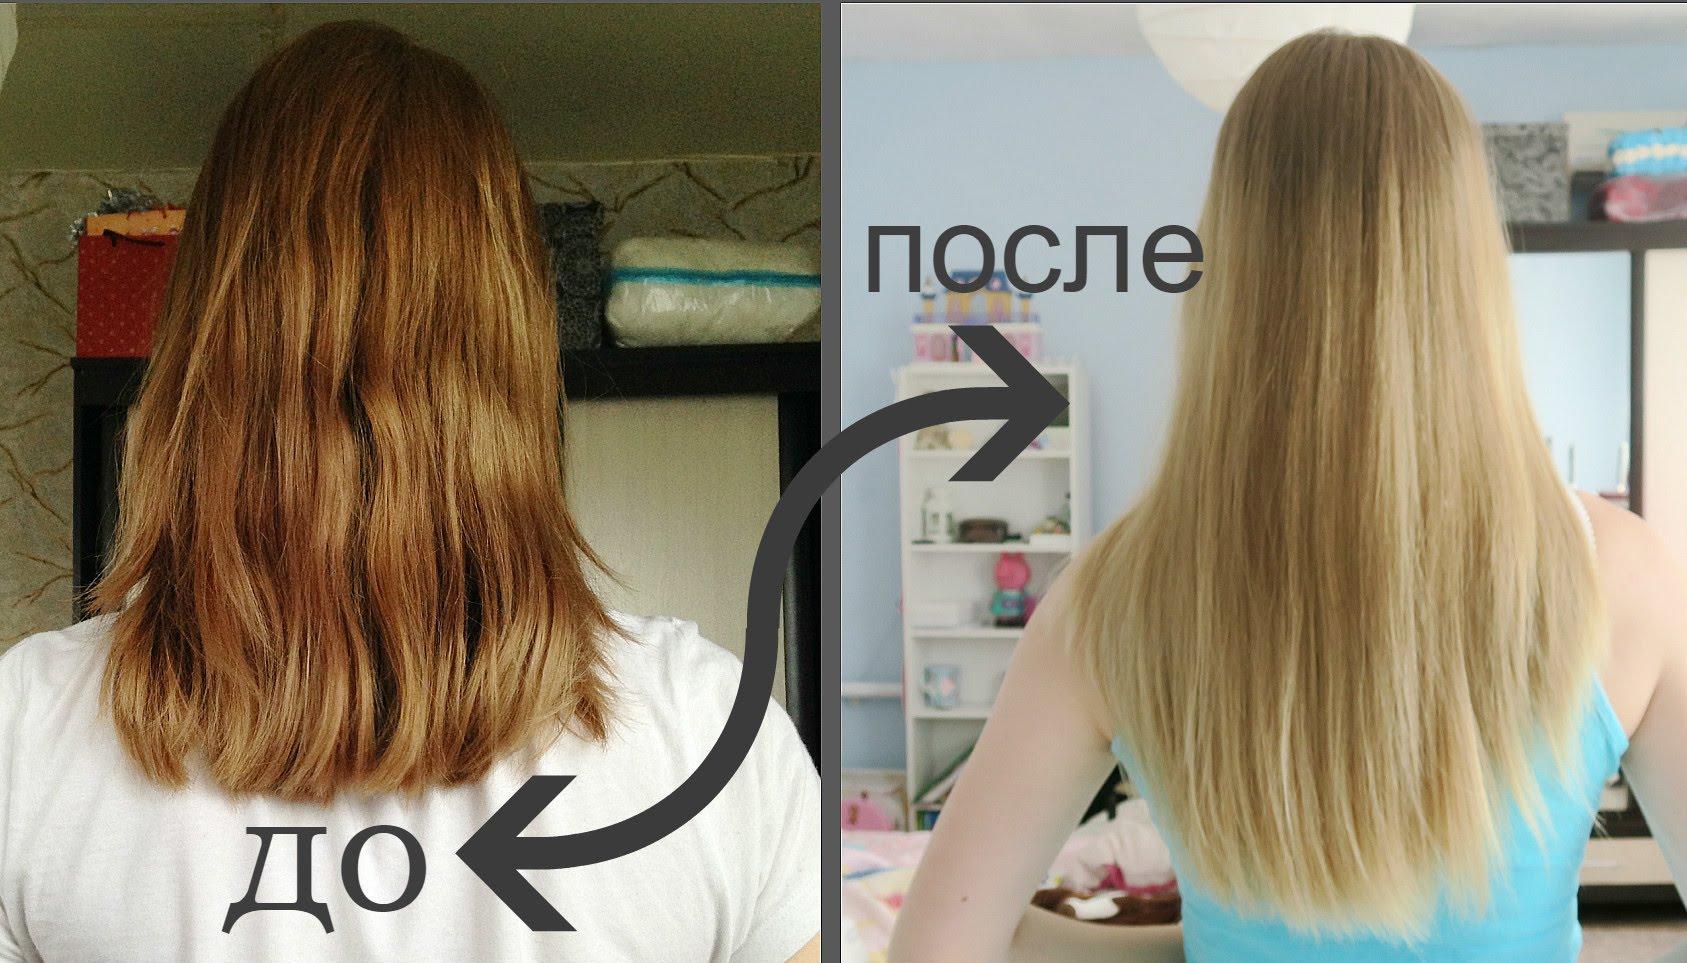 самая крупная осветление волос ромашкой фото немецкий бренд